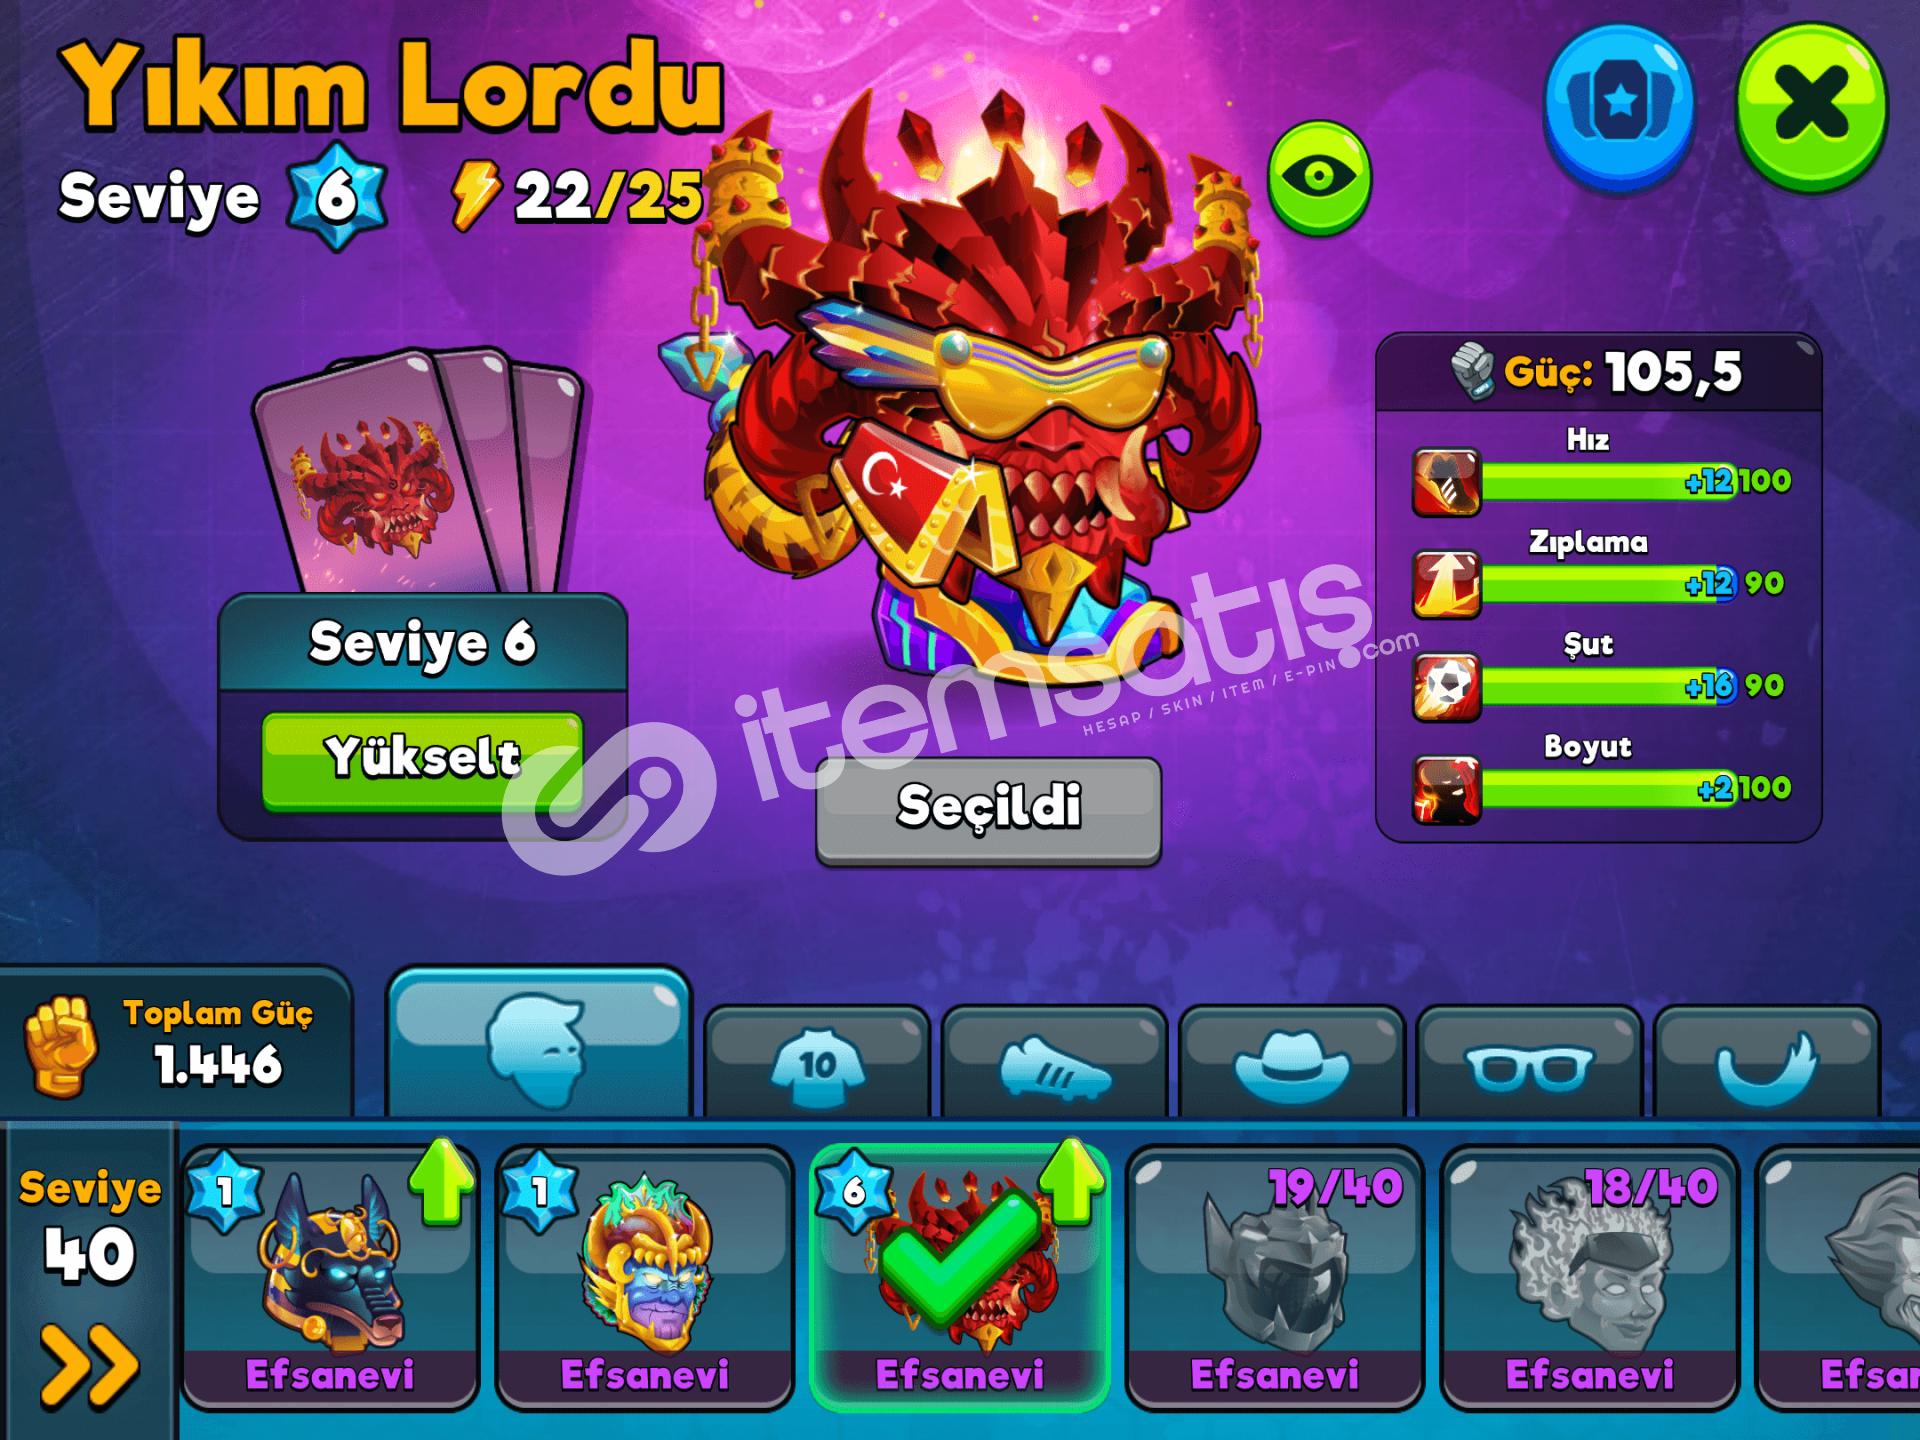 6 sw yıkım lordlu hesap